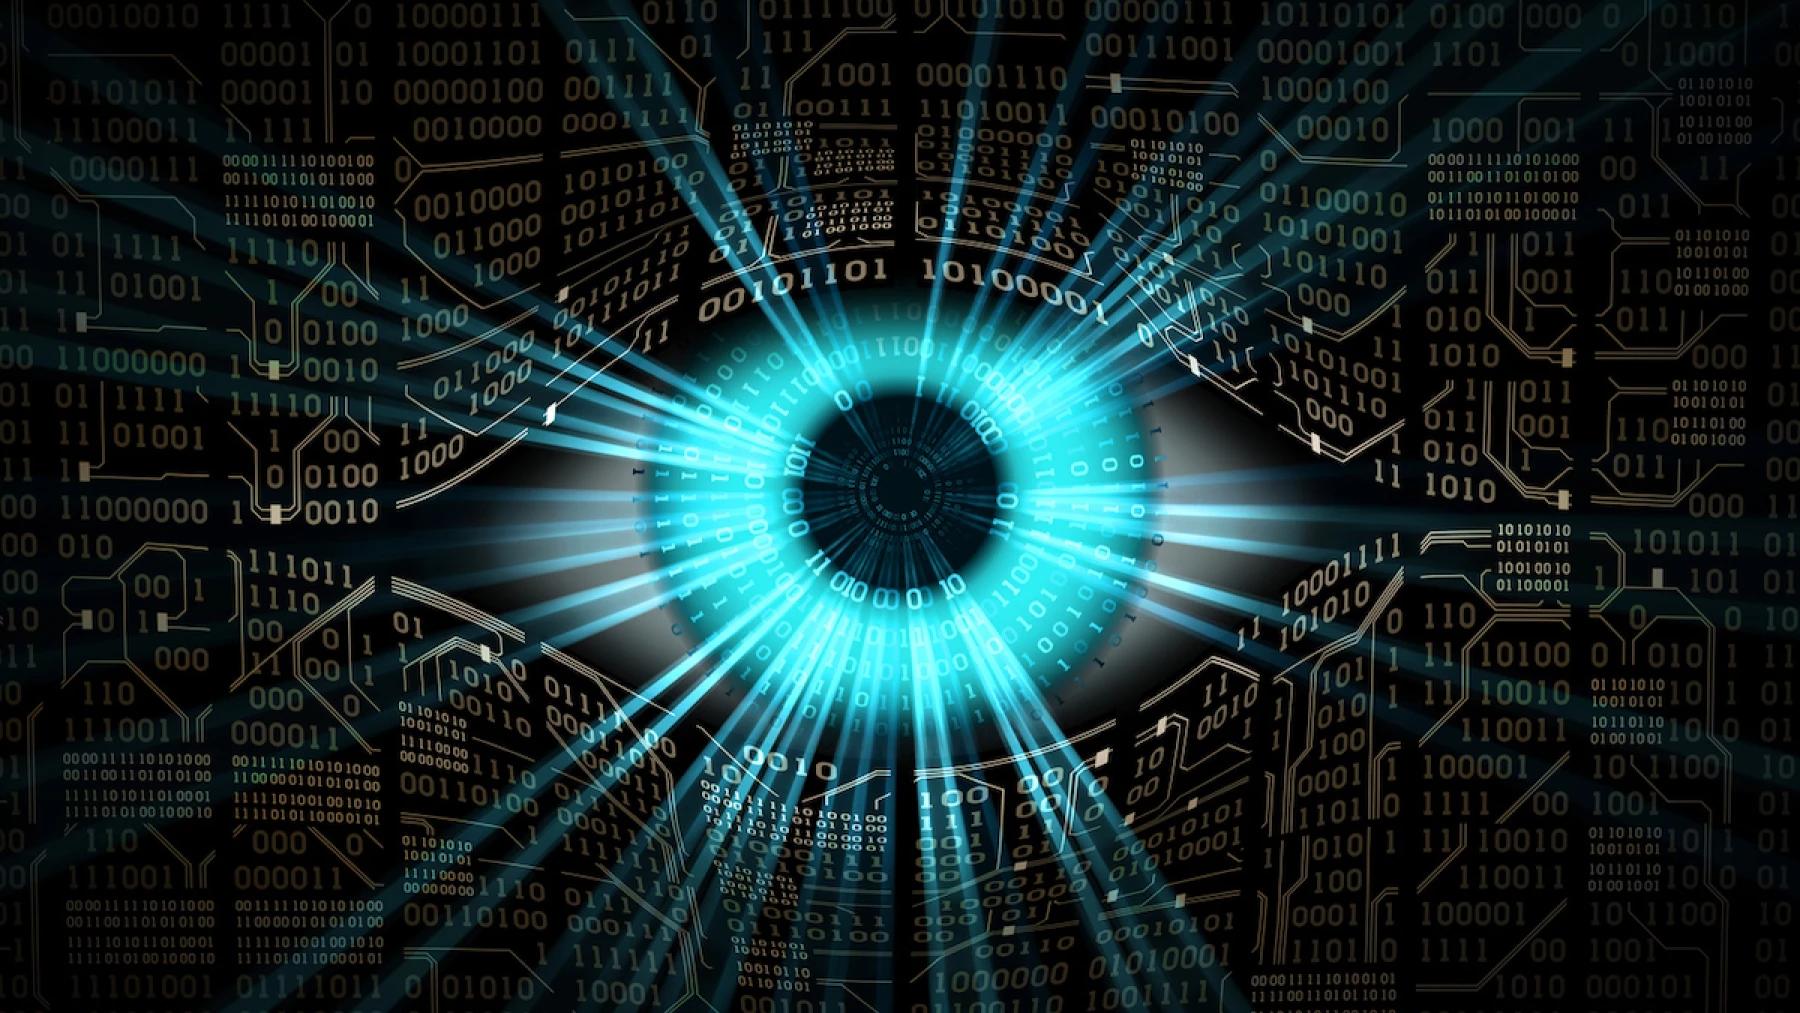 Una Mirada Marcial de la Ciberseguridad